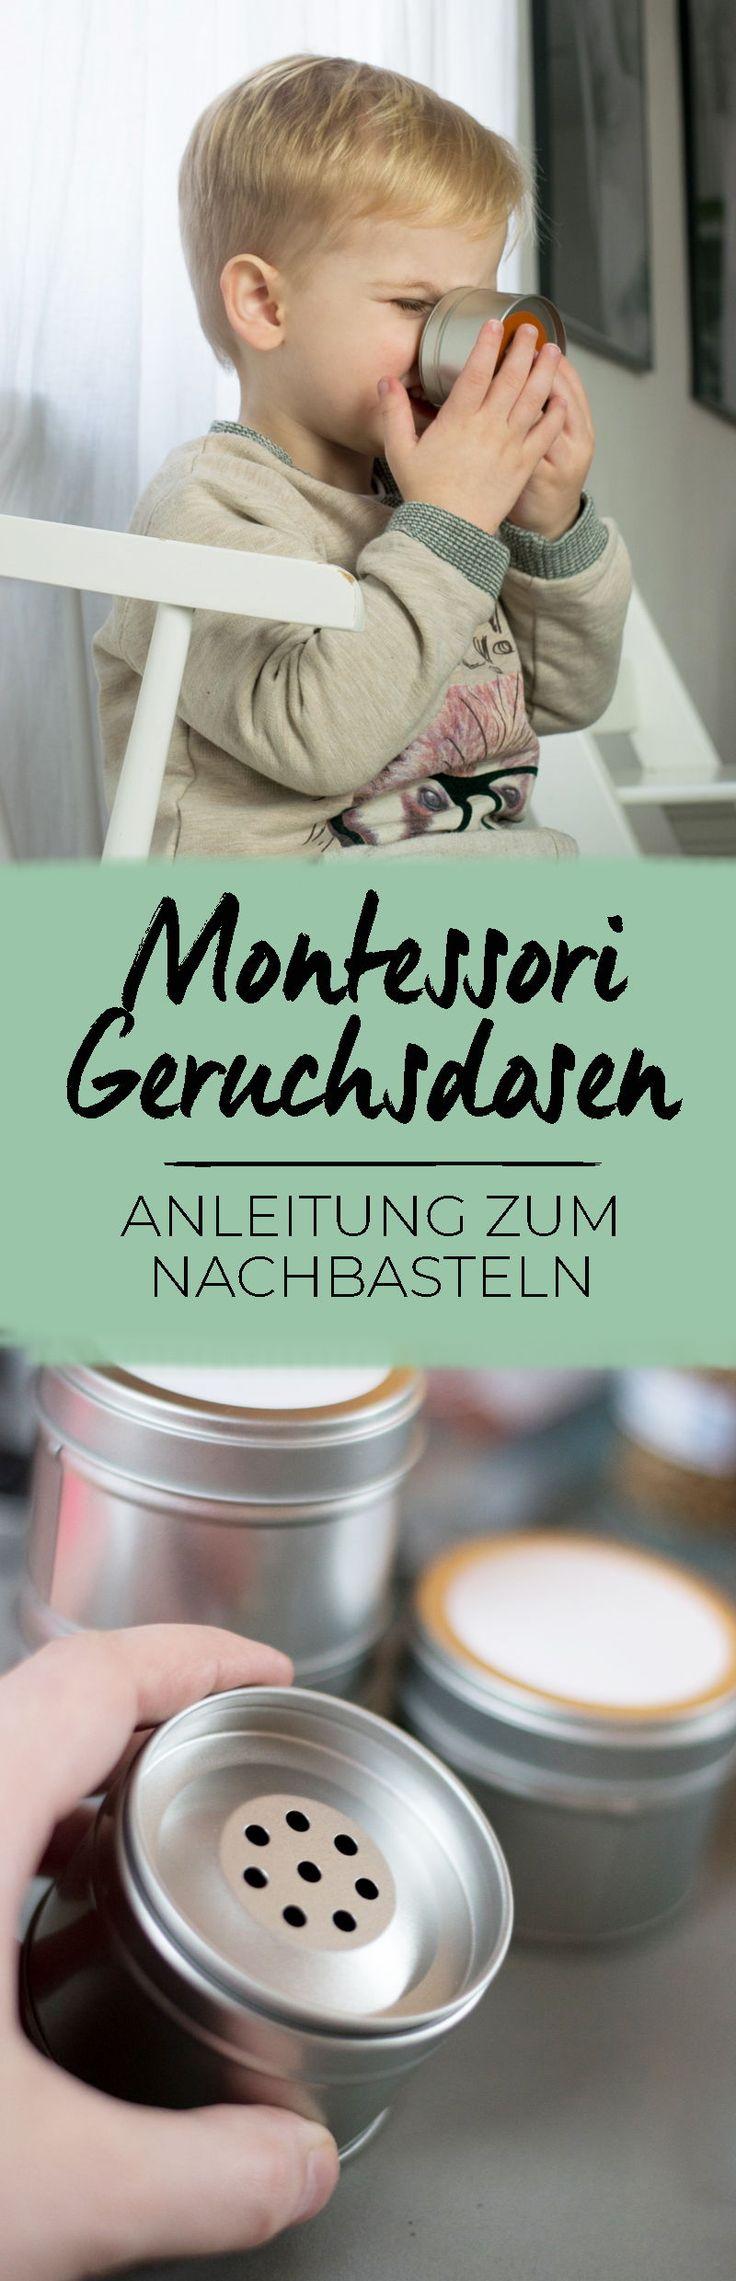 Anleitung für Montessori Geruchsdosen